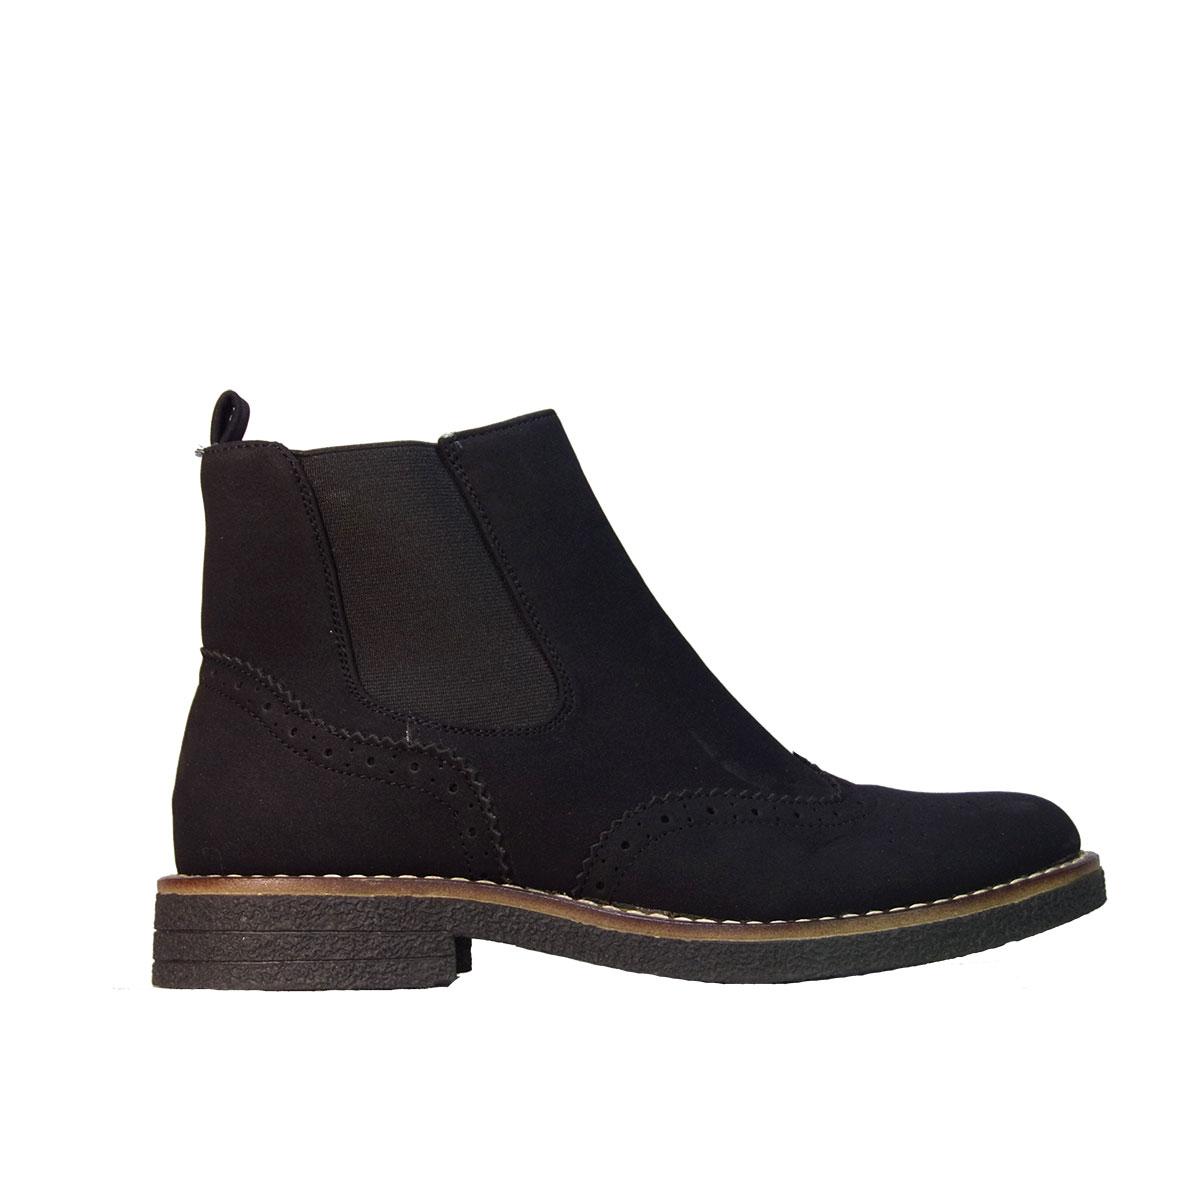 31b57e73542 Ideal Shoes 5355 Γυναικεία Μποτάκια Χαμηλά Suede Μαύρο – ILoveMyShoes